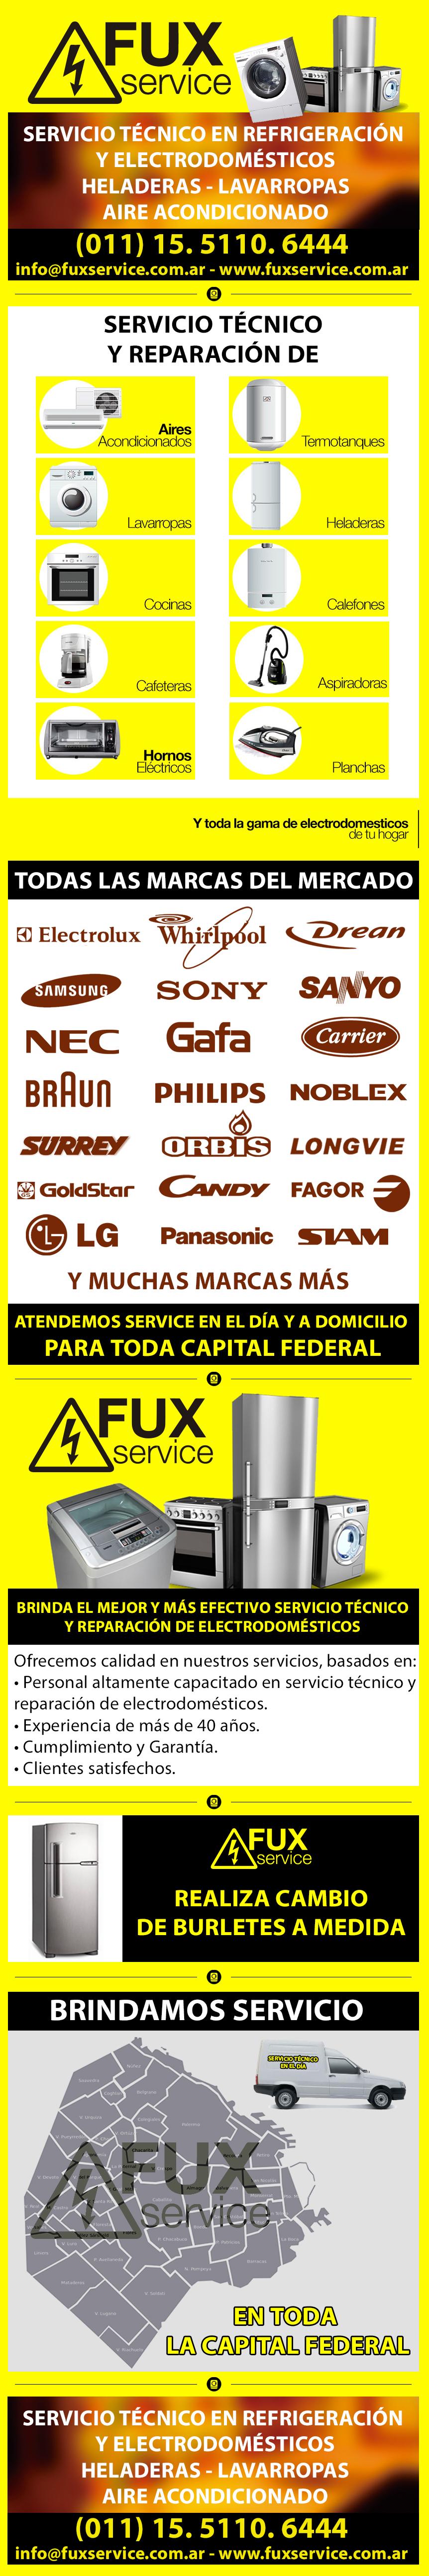 Fux Service - Servicio técnico, reparación de electrodomésticos - aire - estufas - lavarropas - heladeras